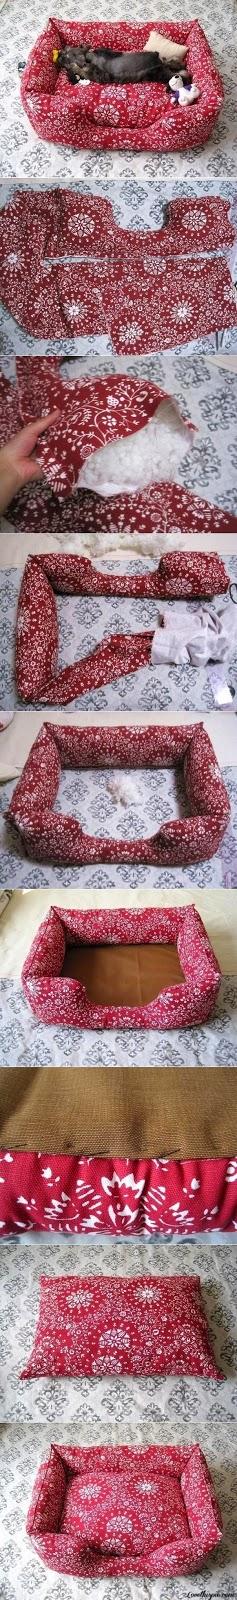 Come fare una cuccia per gatti di stoffa fai da te